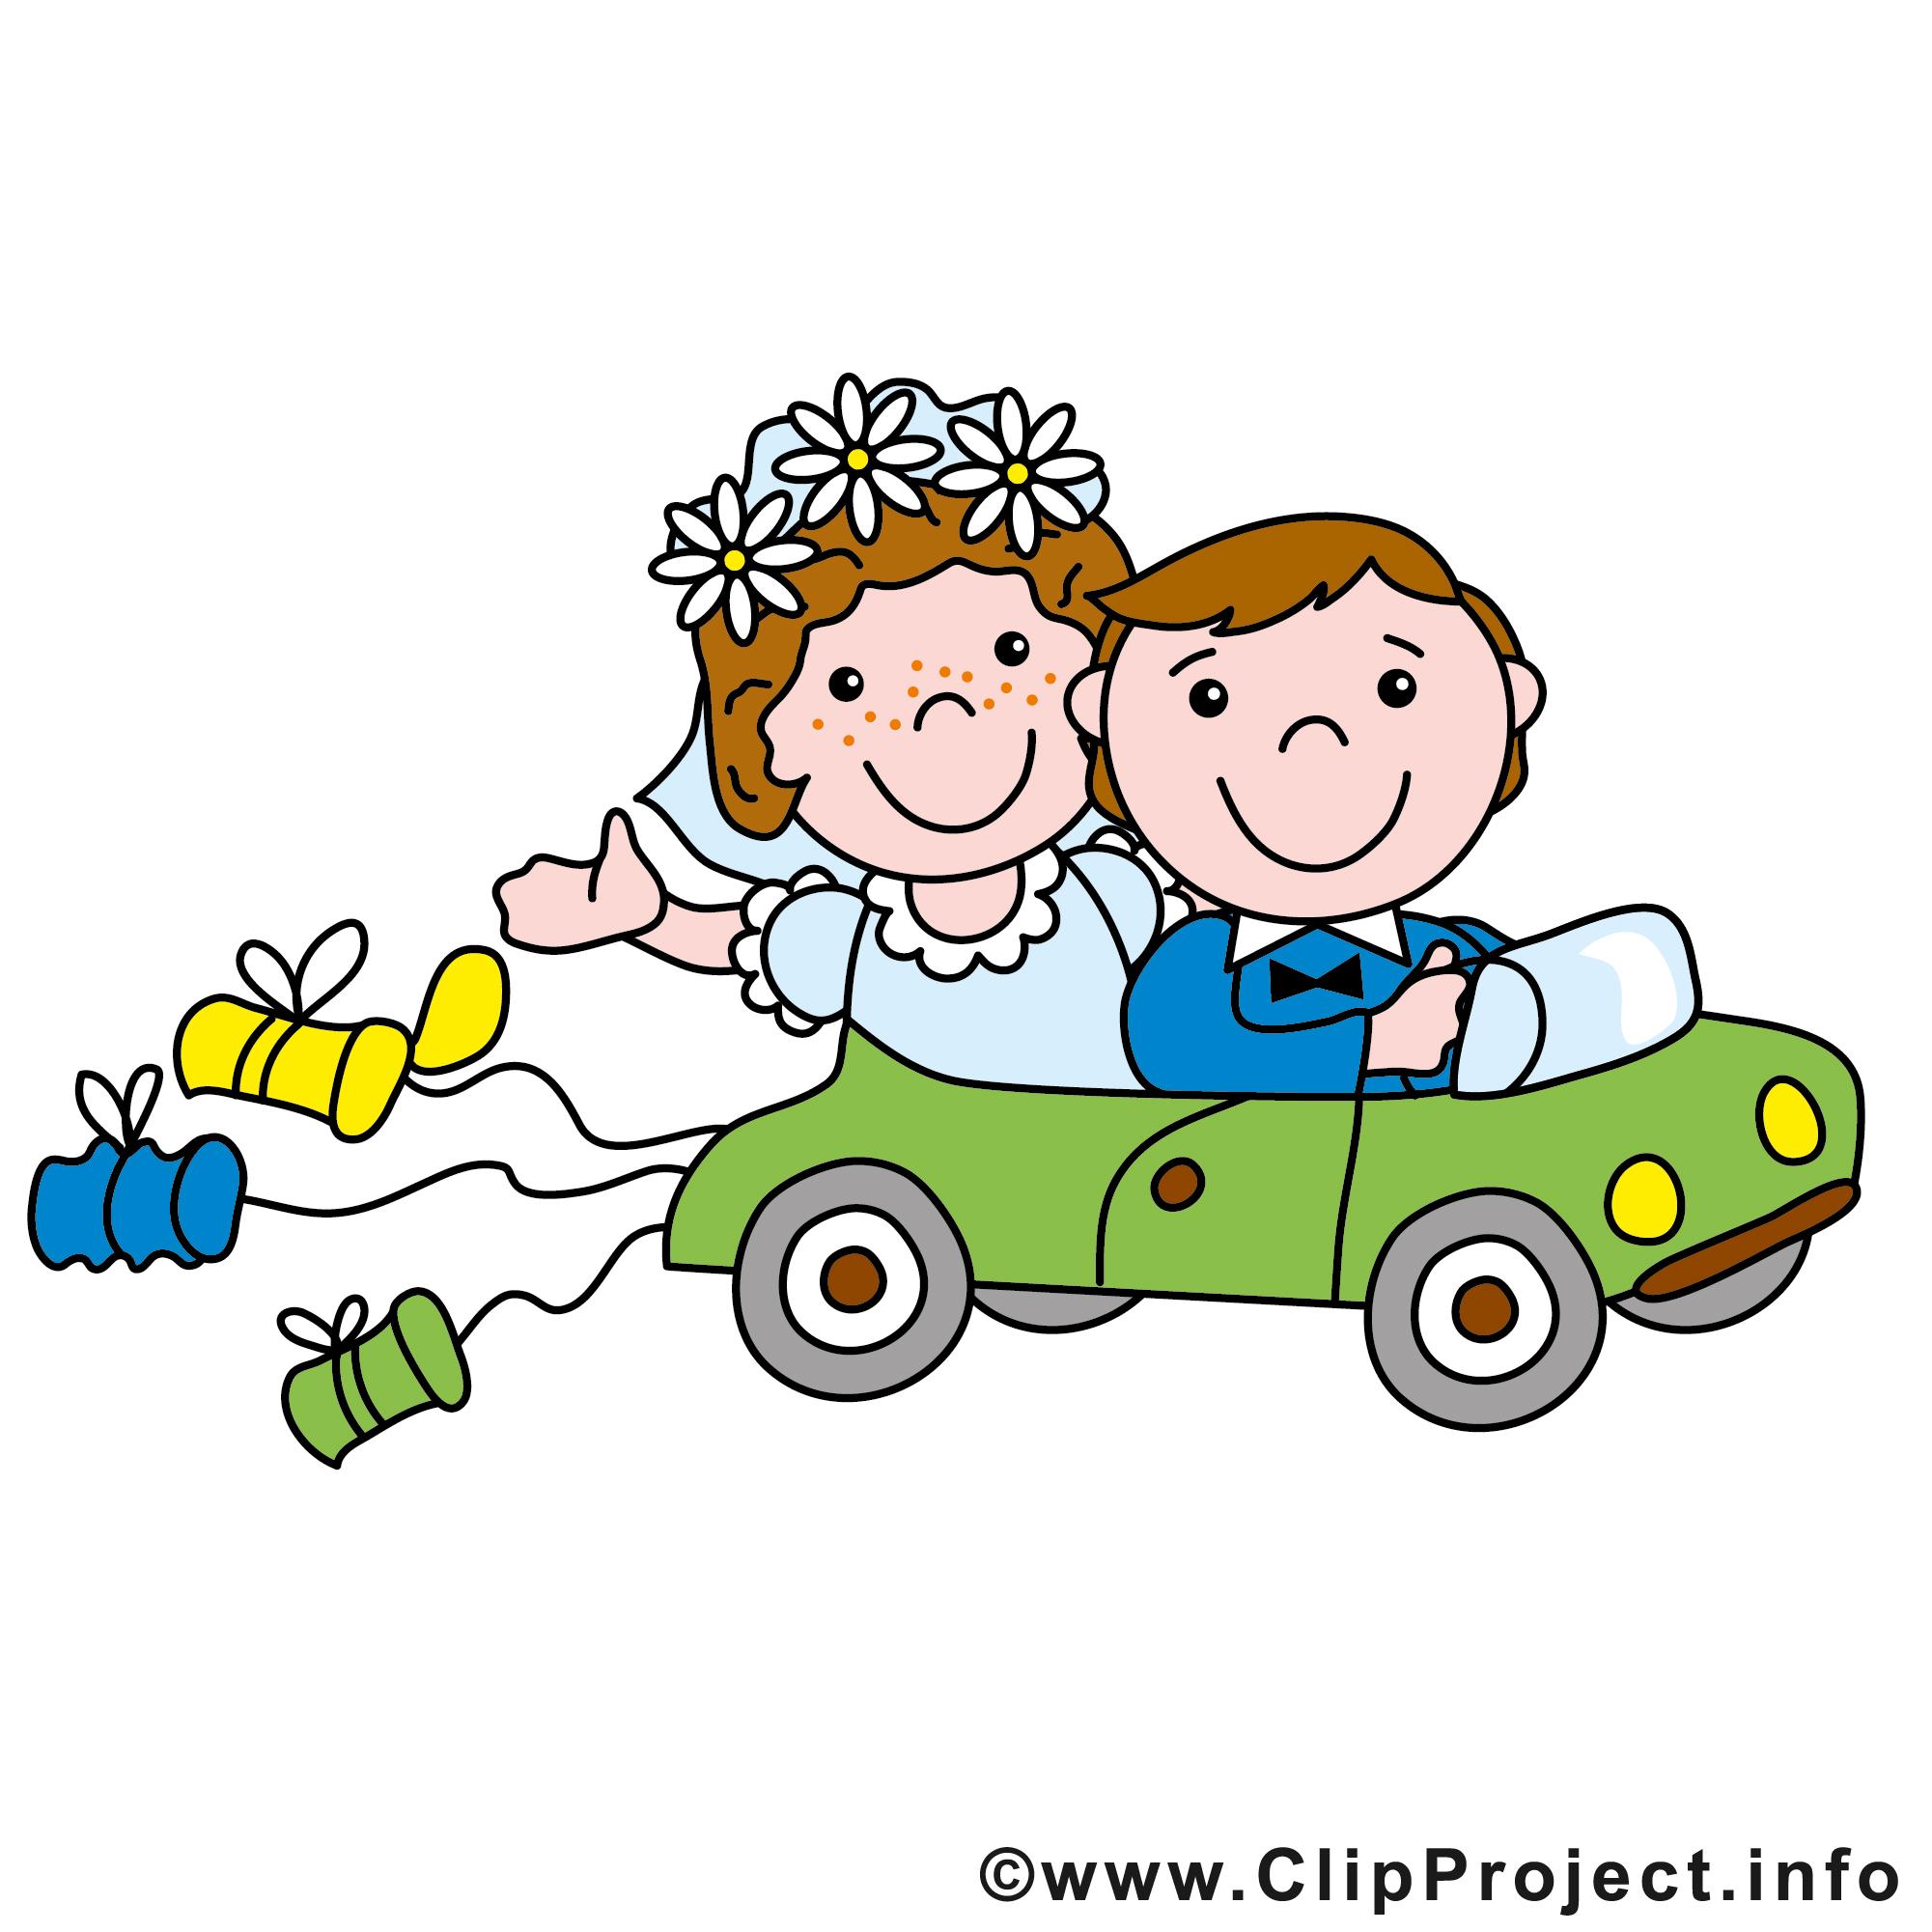 Limousine clipart gratuit - Mariage images - Mariage ...